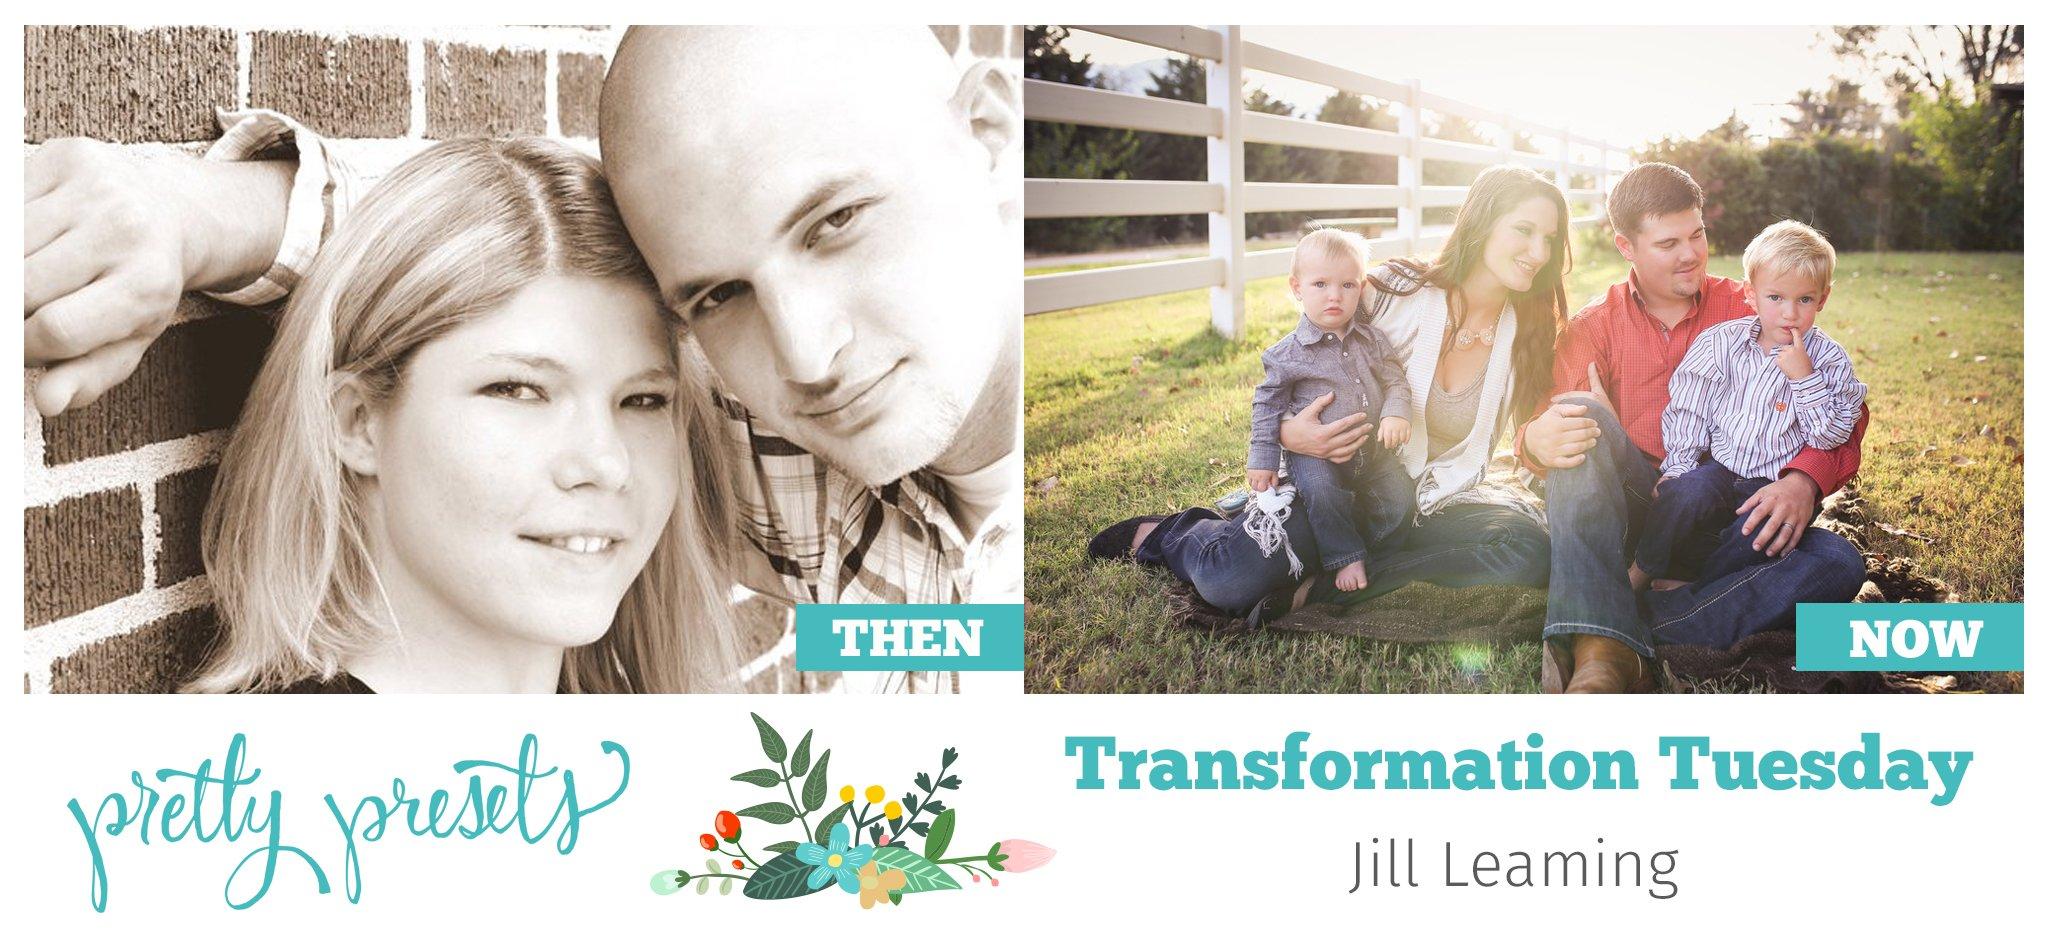 Martes de transformación: con Jillian Leaming en Pretty Presets fo